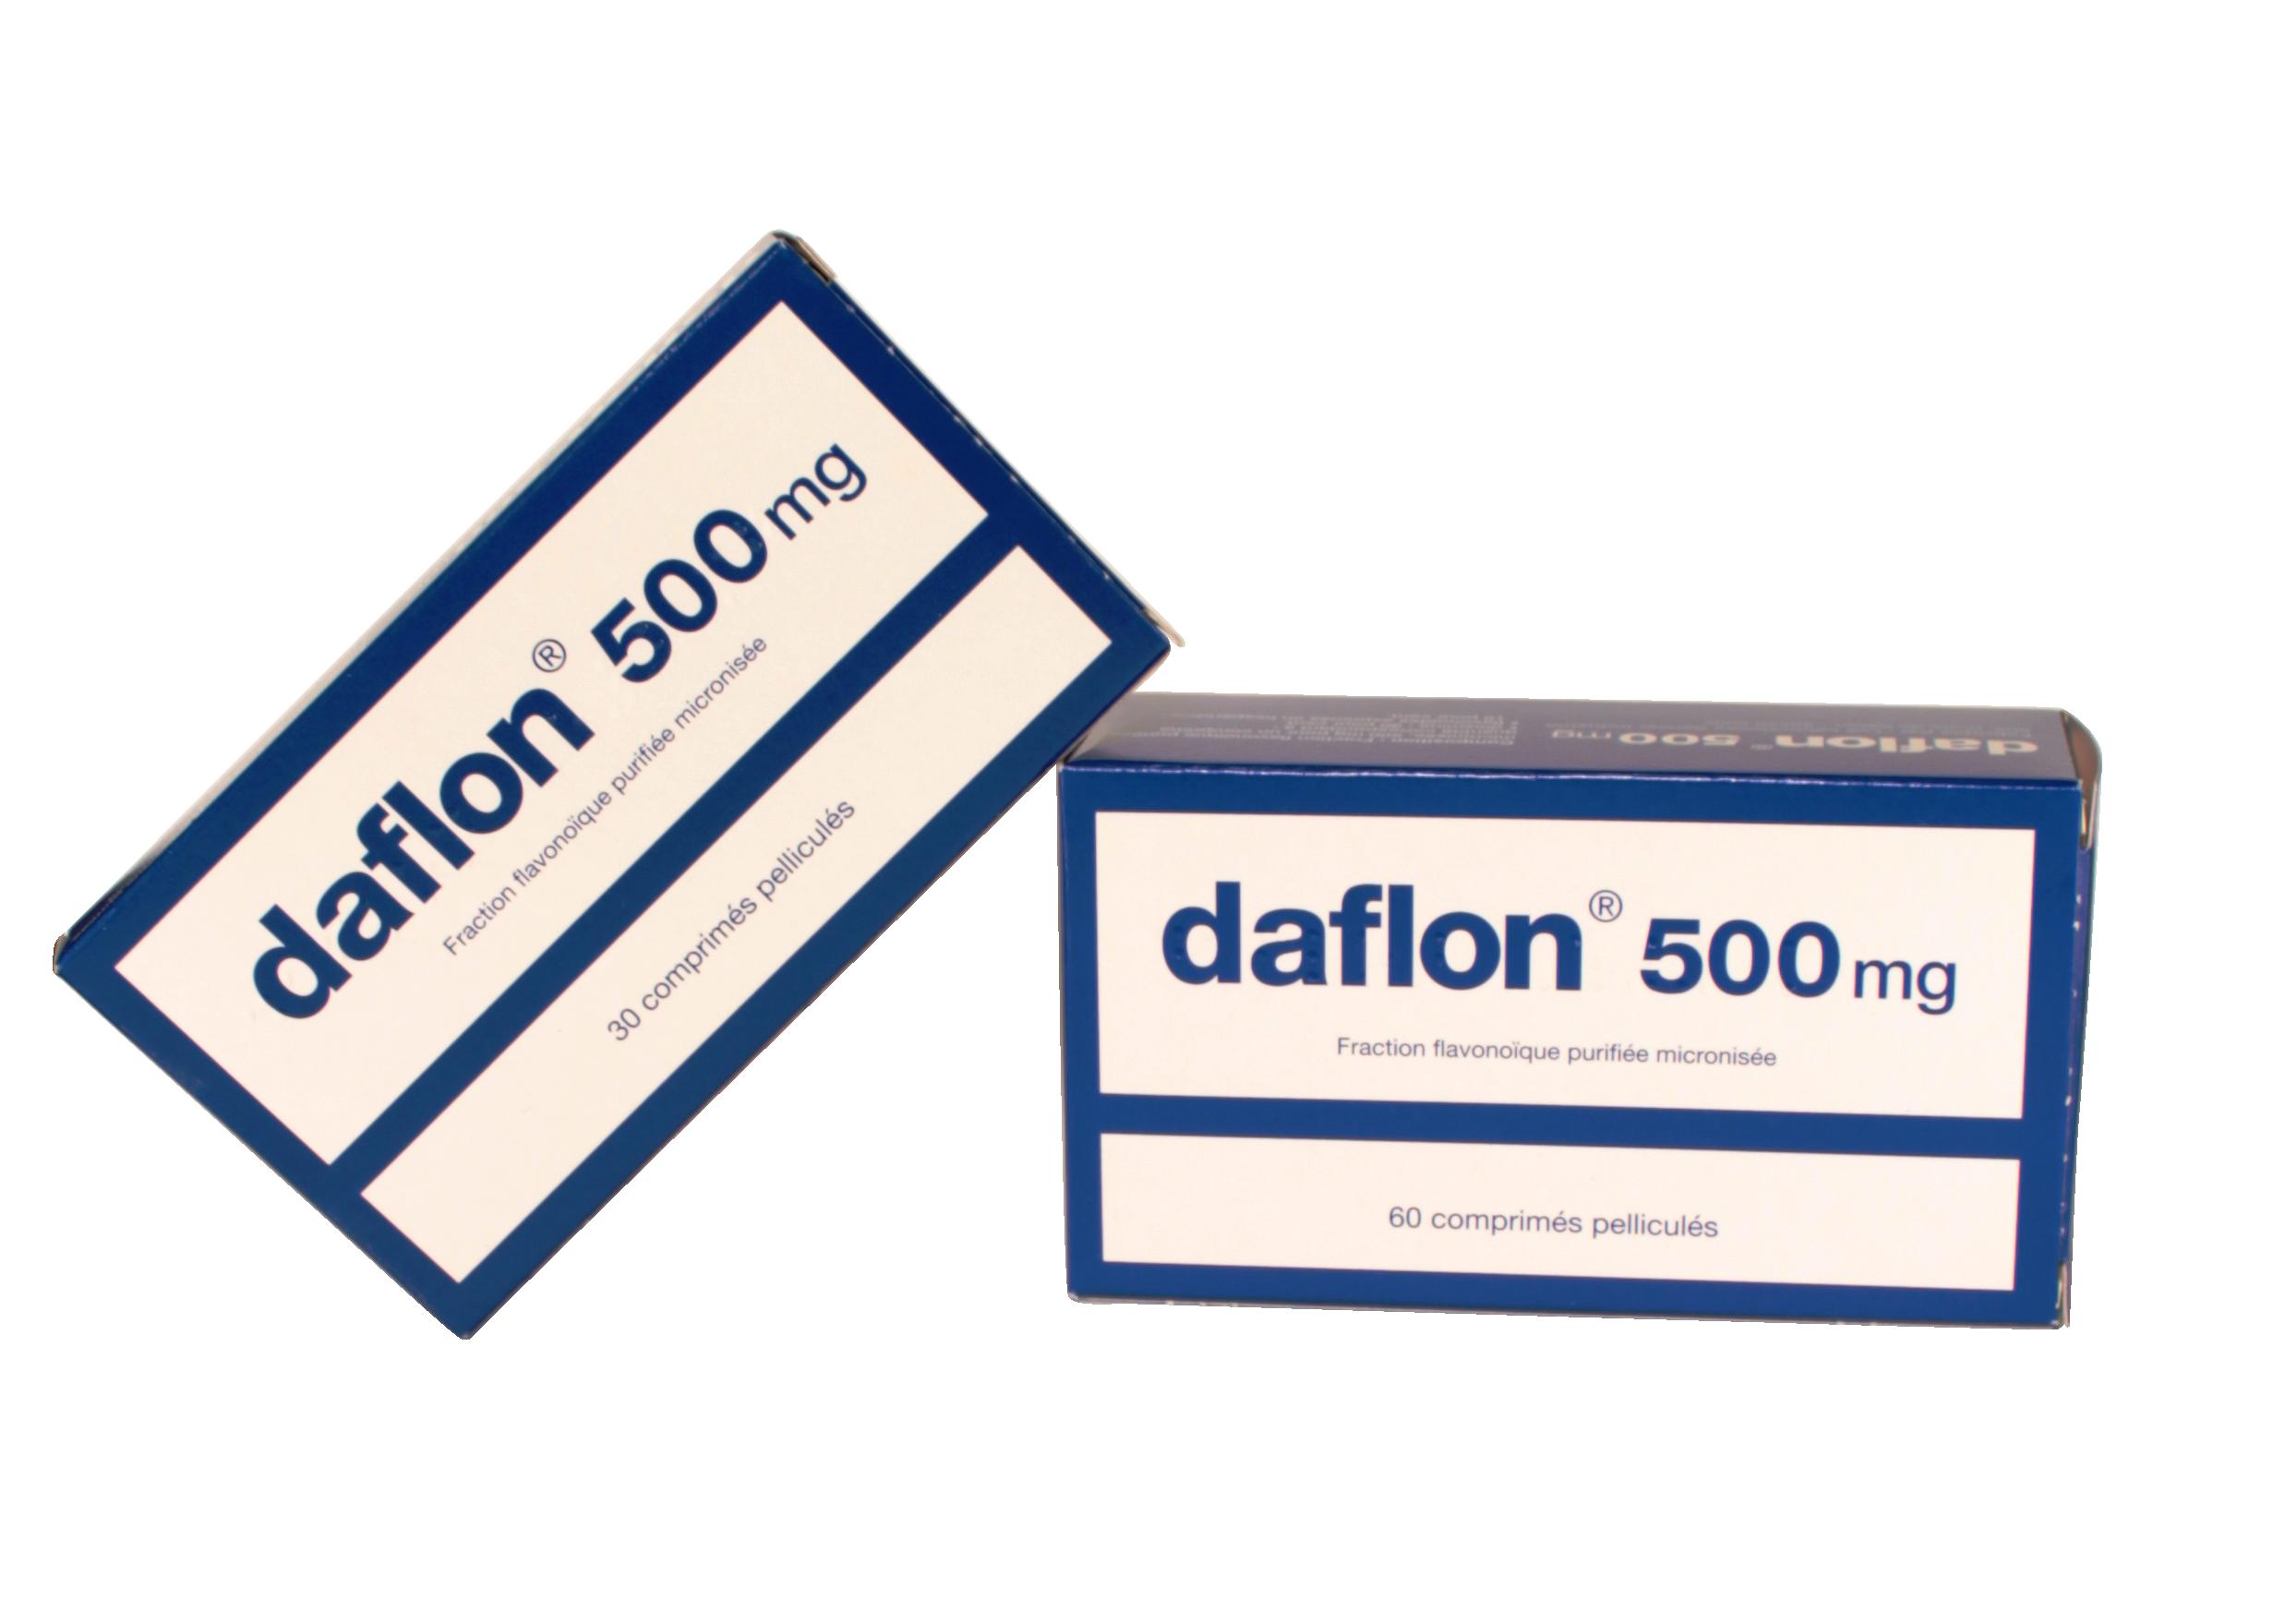 La prise de Daflon soulage les hémorroïdes